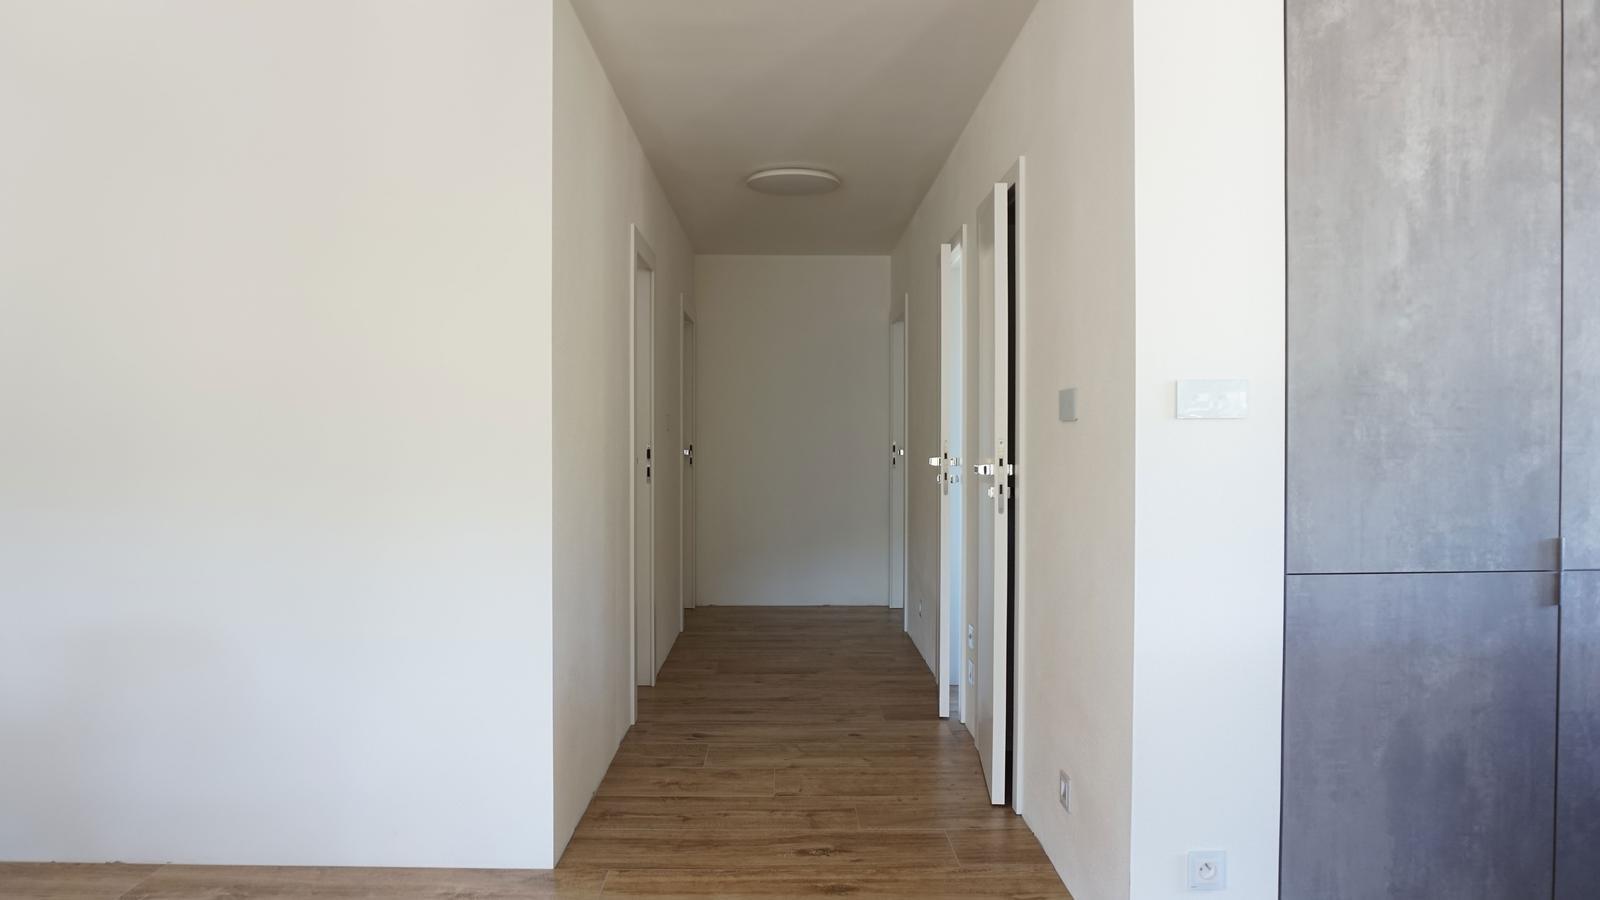 Reverzné a bezpolodrážkové dvere. - Obrázok č. 2